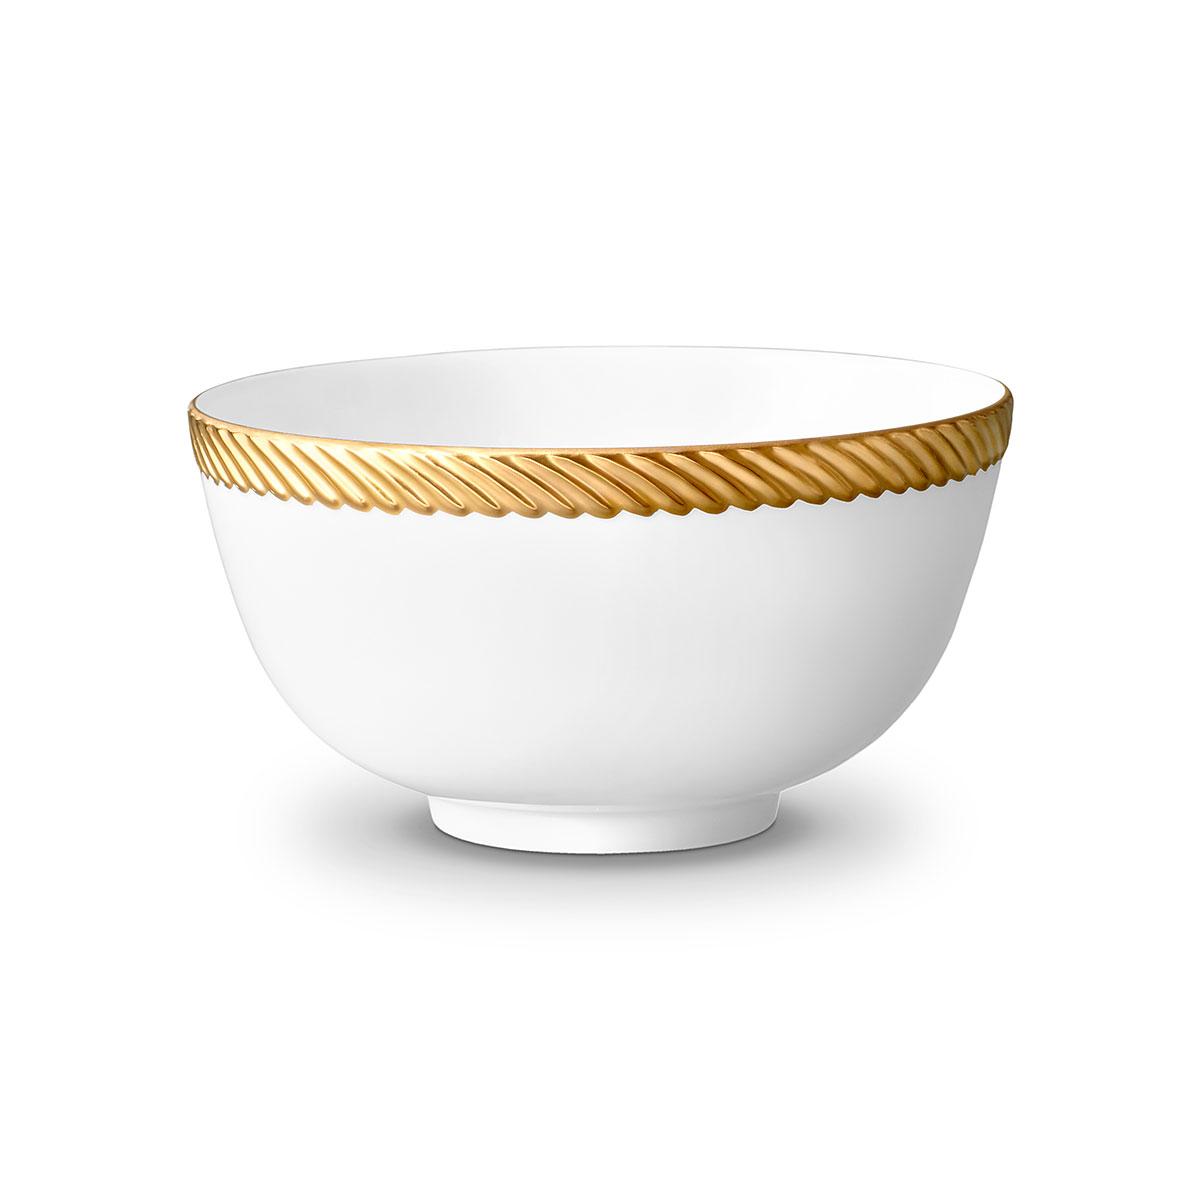 L'Objet I Corde Cereal Bowl Gold